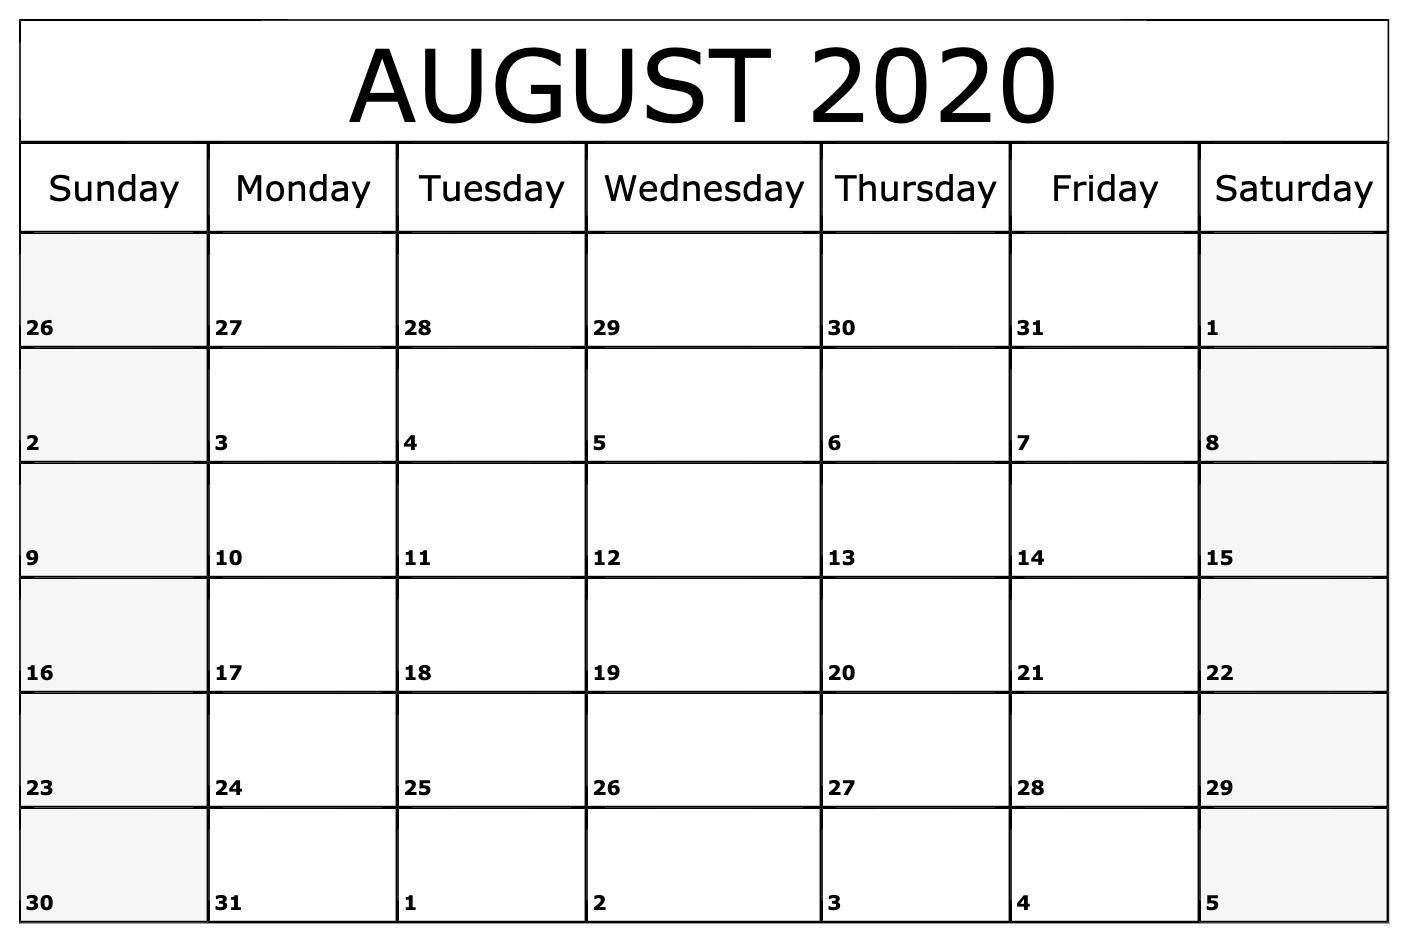 August 2020 Calendar Template | August Calendar, Blank